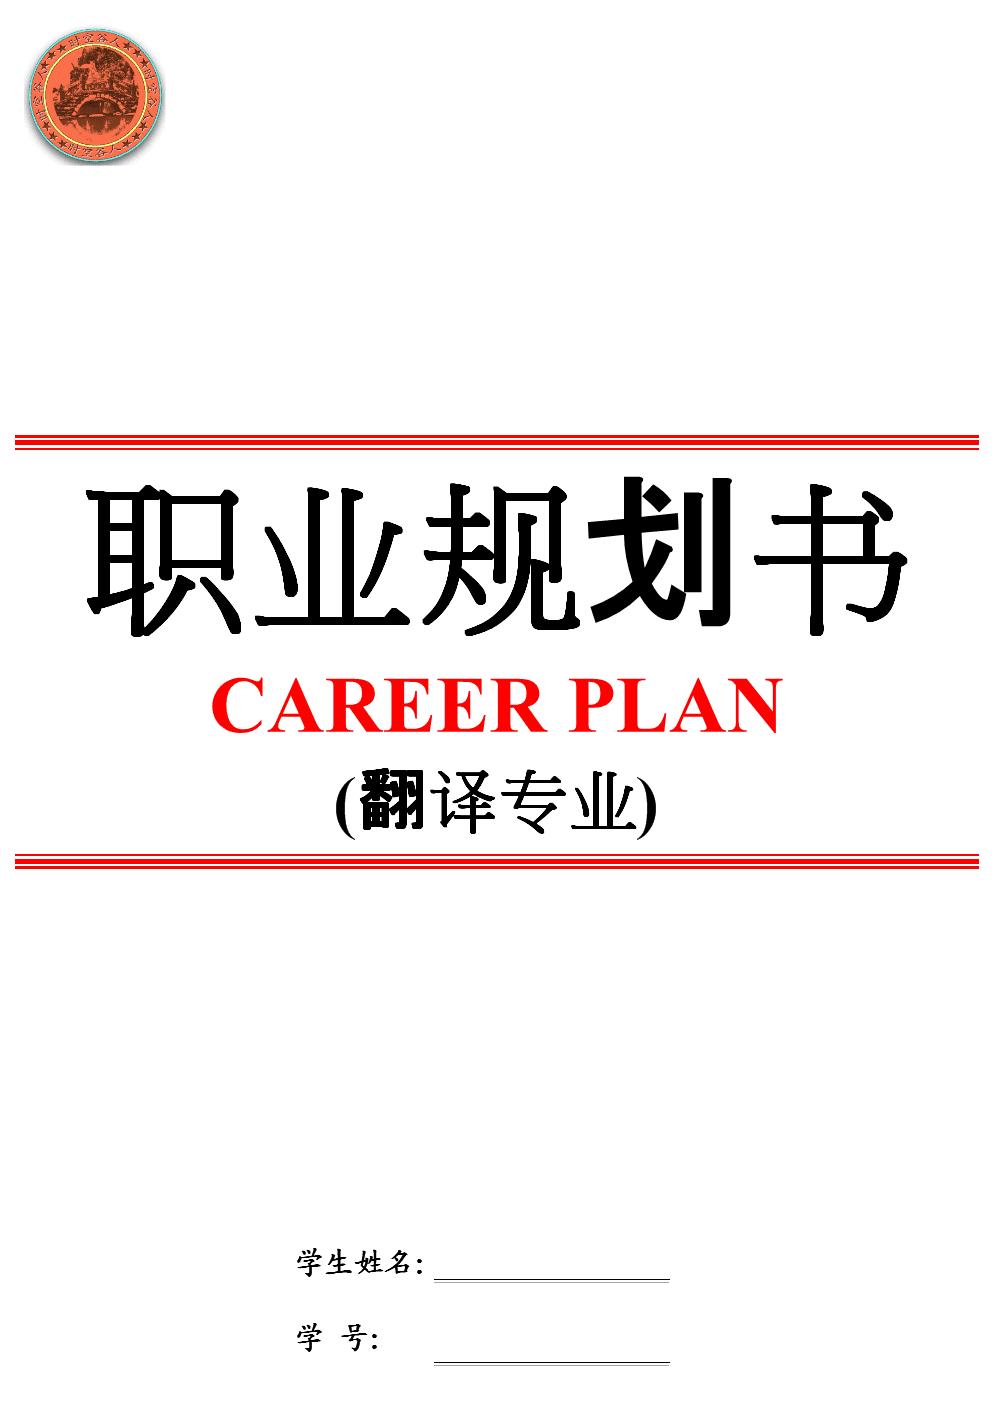 翻译专业职业生涯规划书.docx